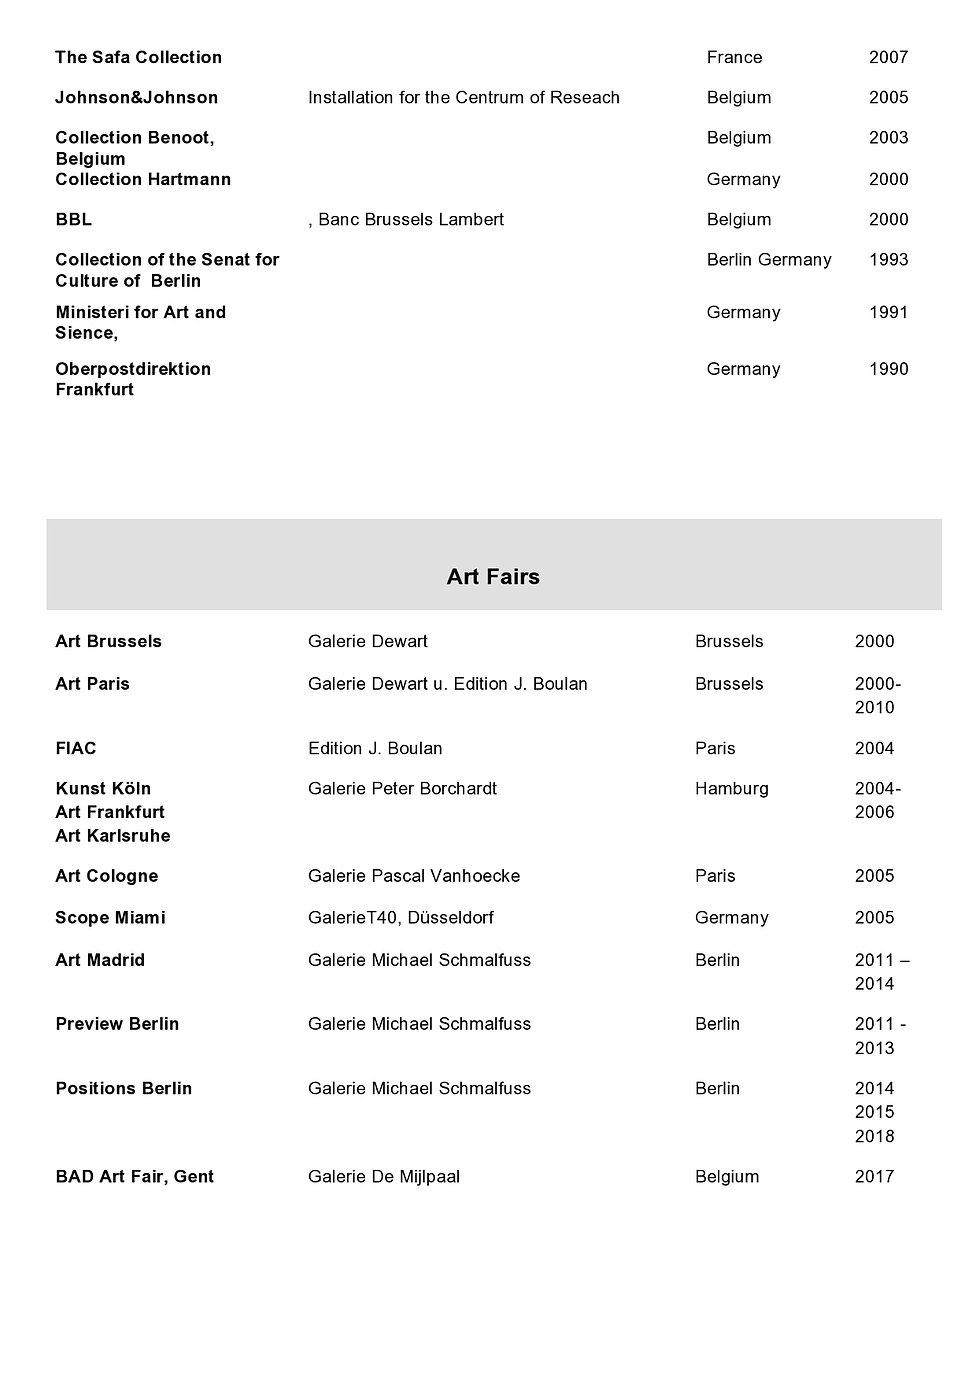 CV 2018 - 2019 mit Marburg-page0004 (3).